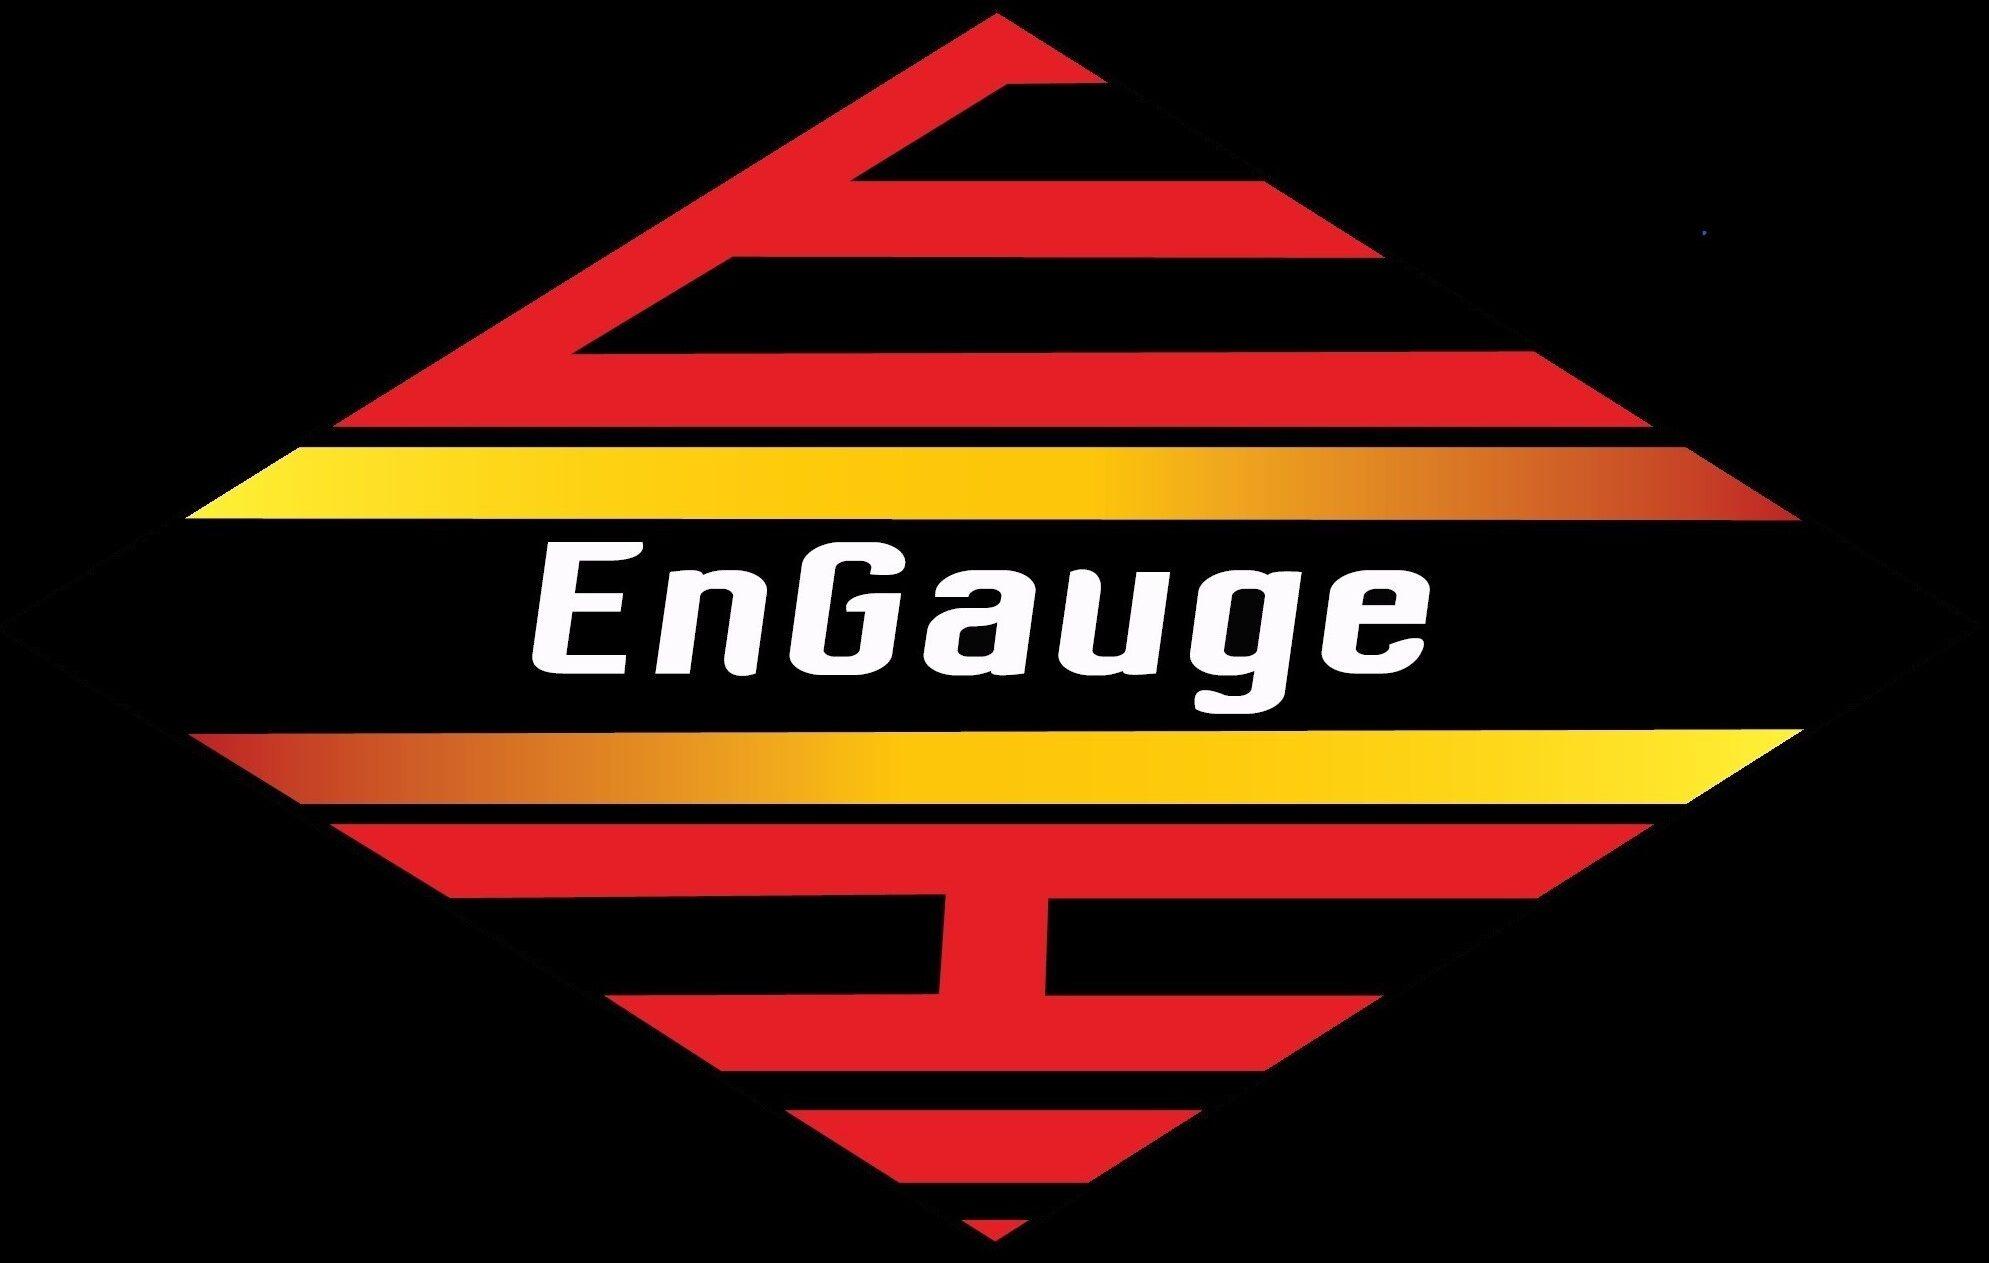 Engauge